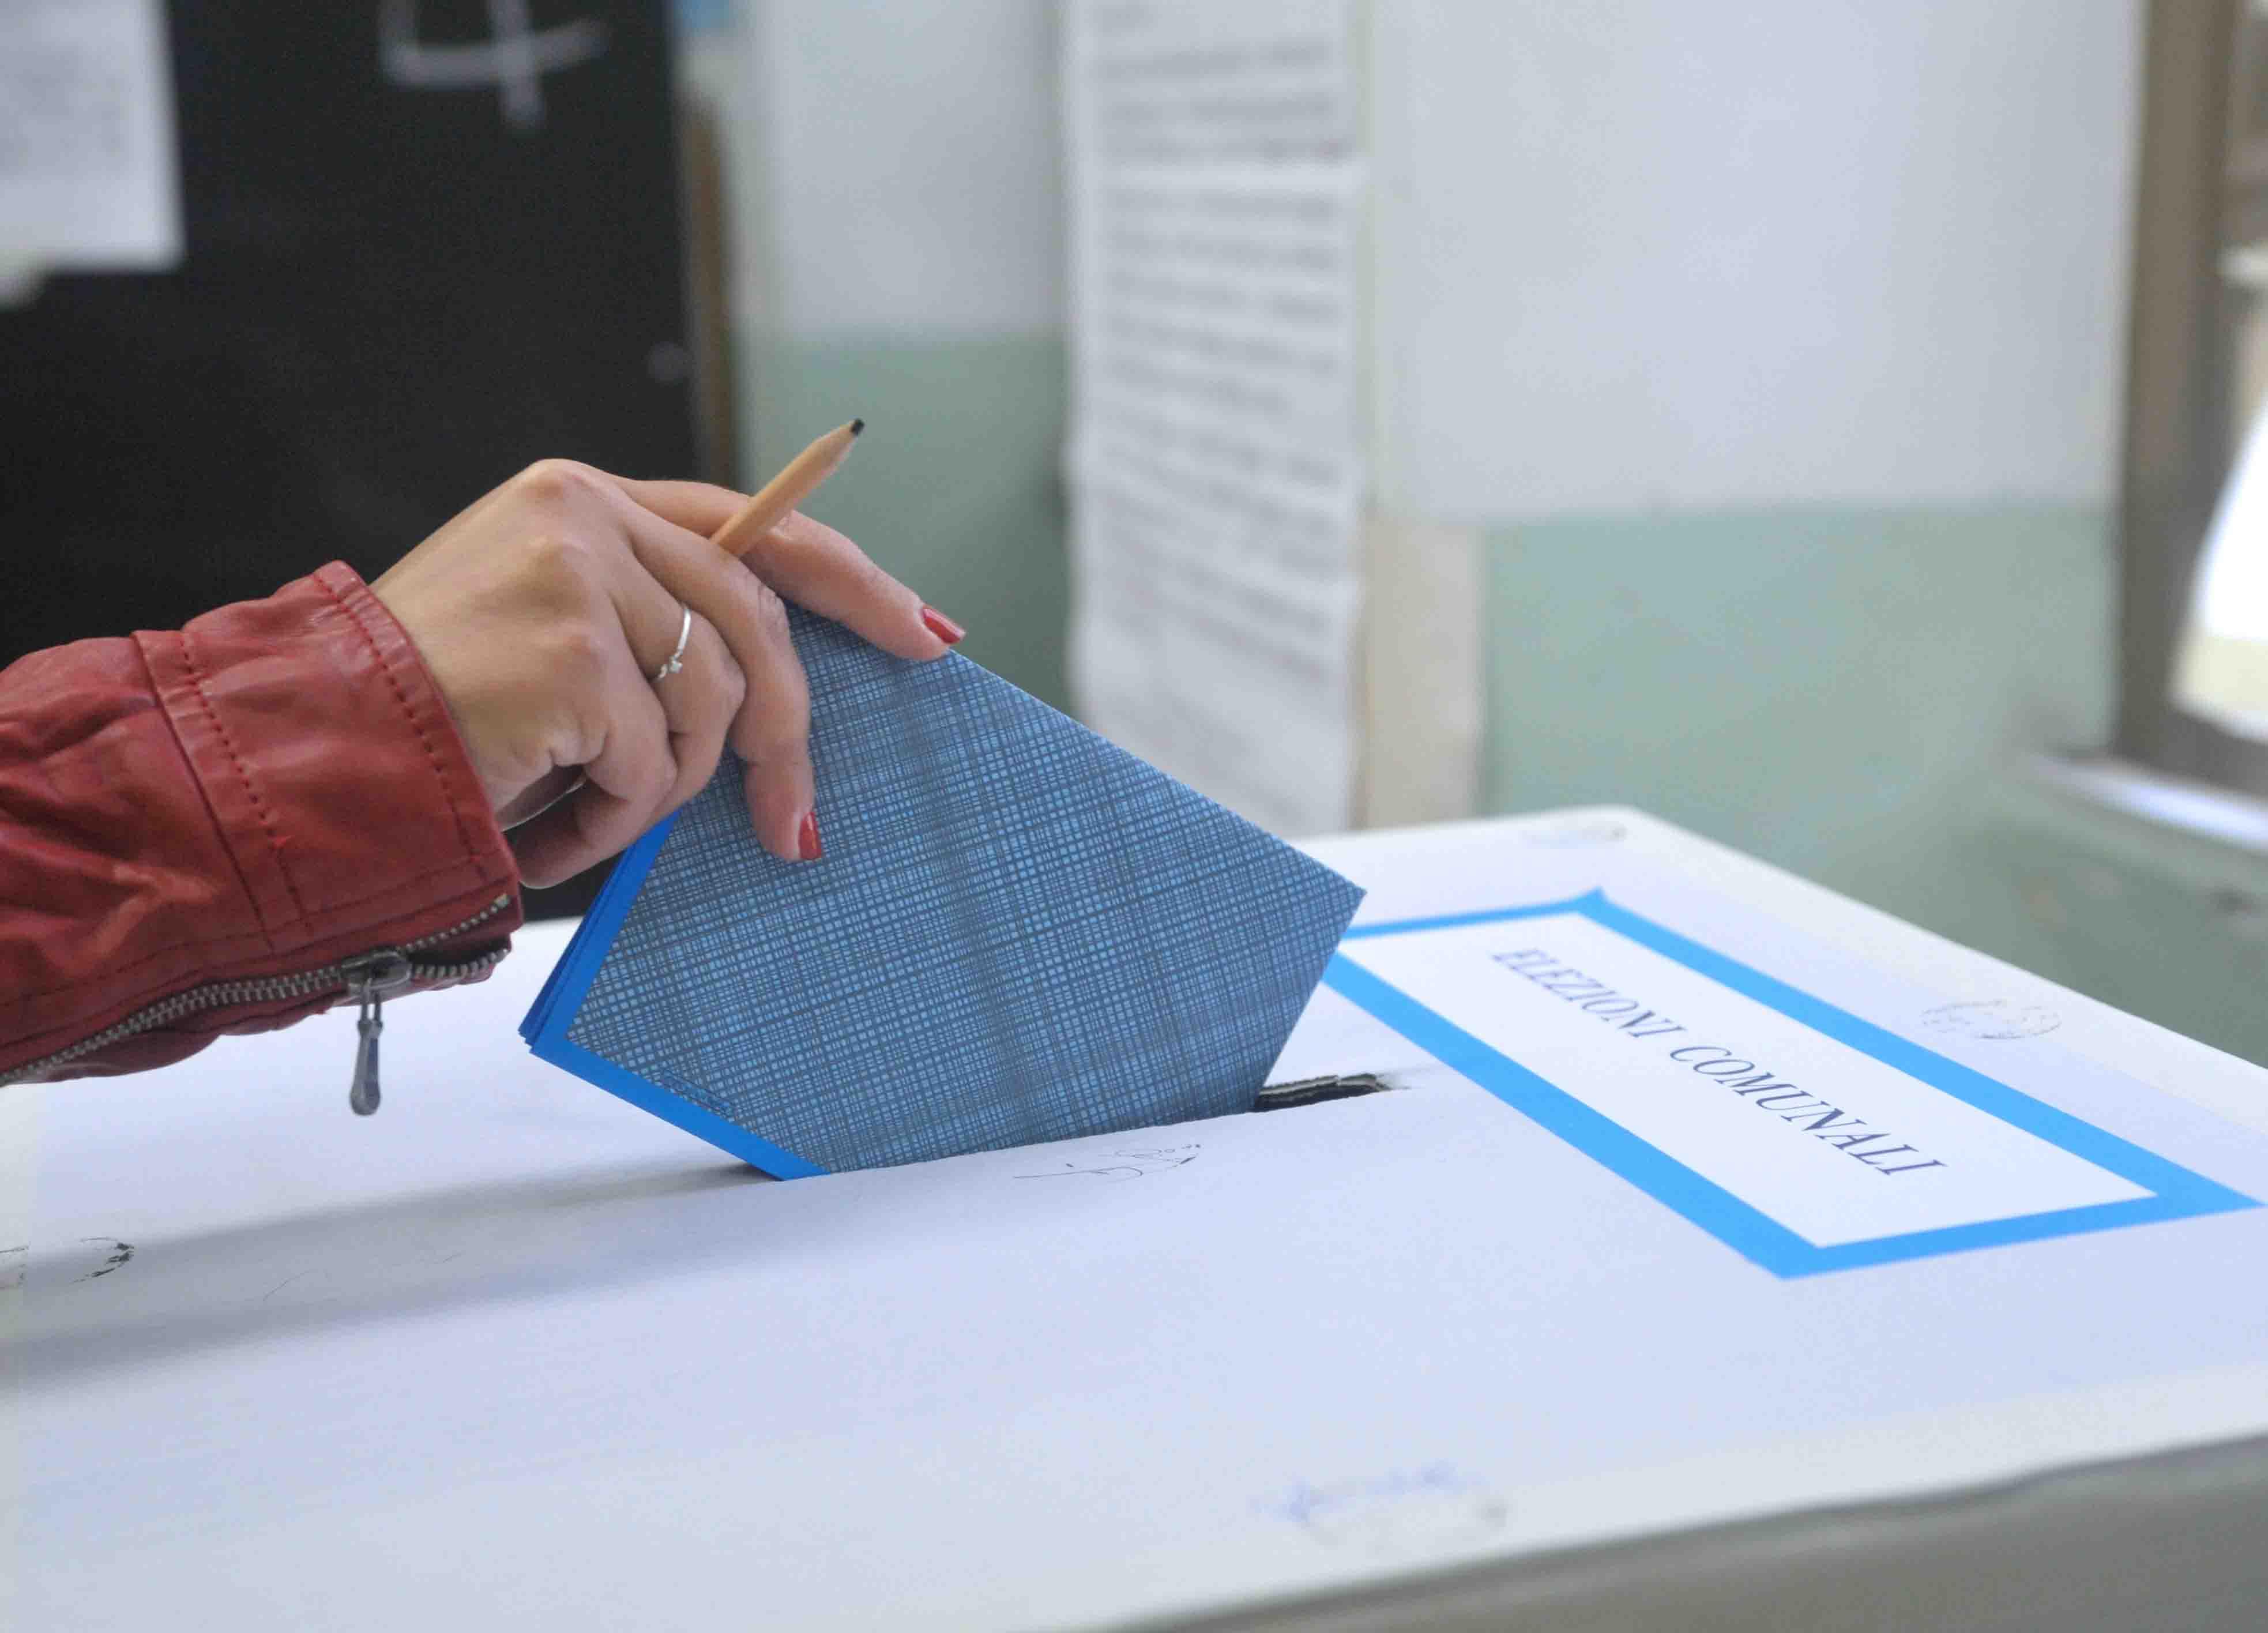 La Guida - A Cuneo si vota l'11 giugno, firmato il decreto